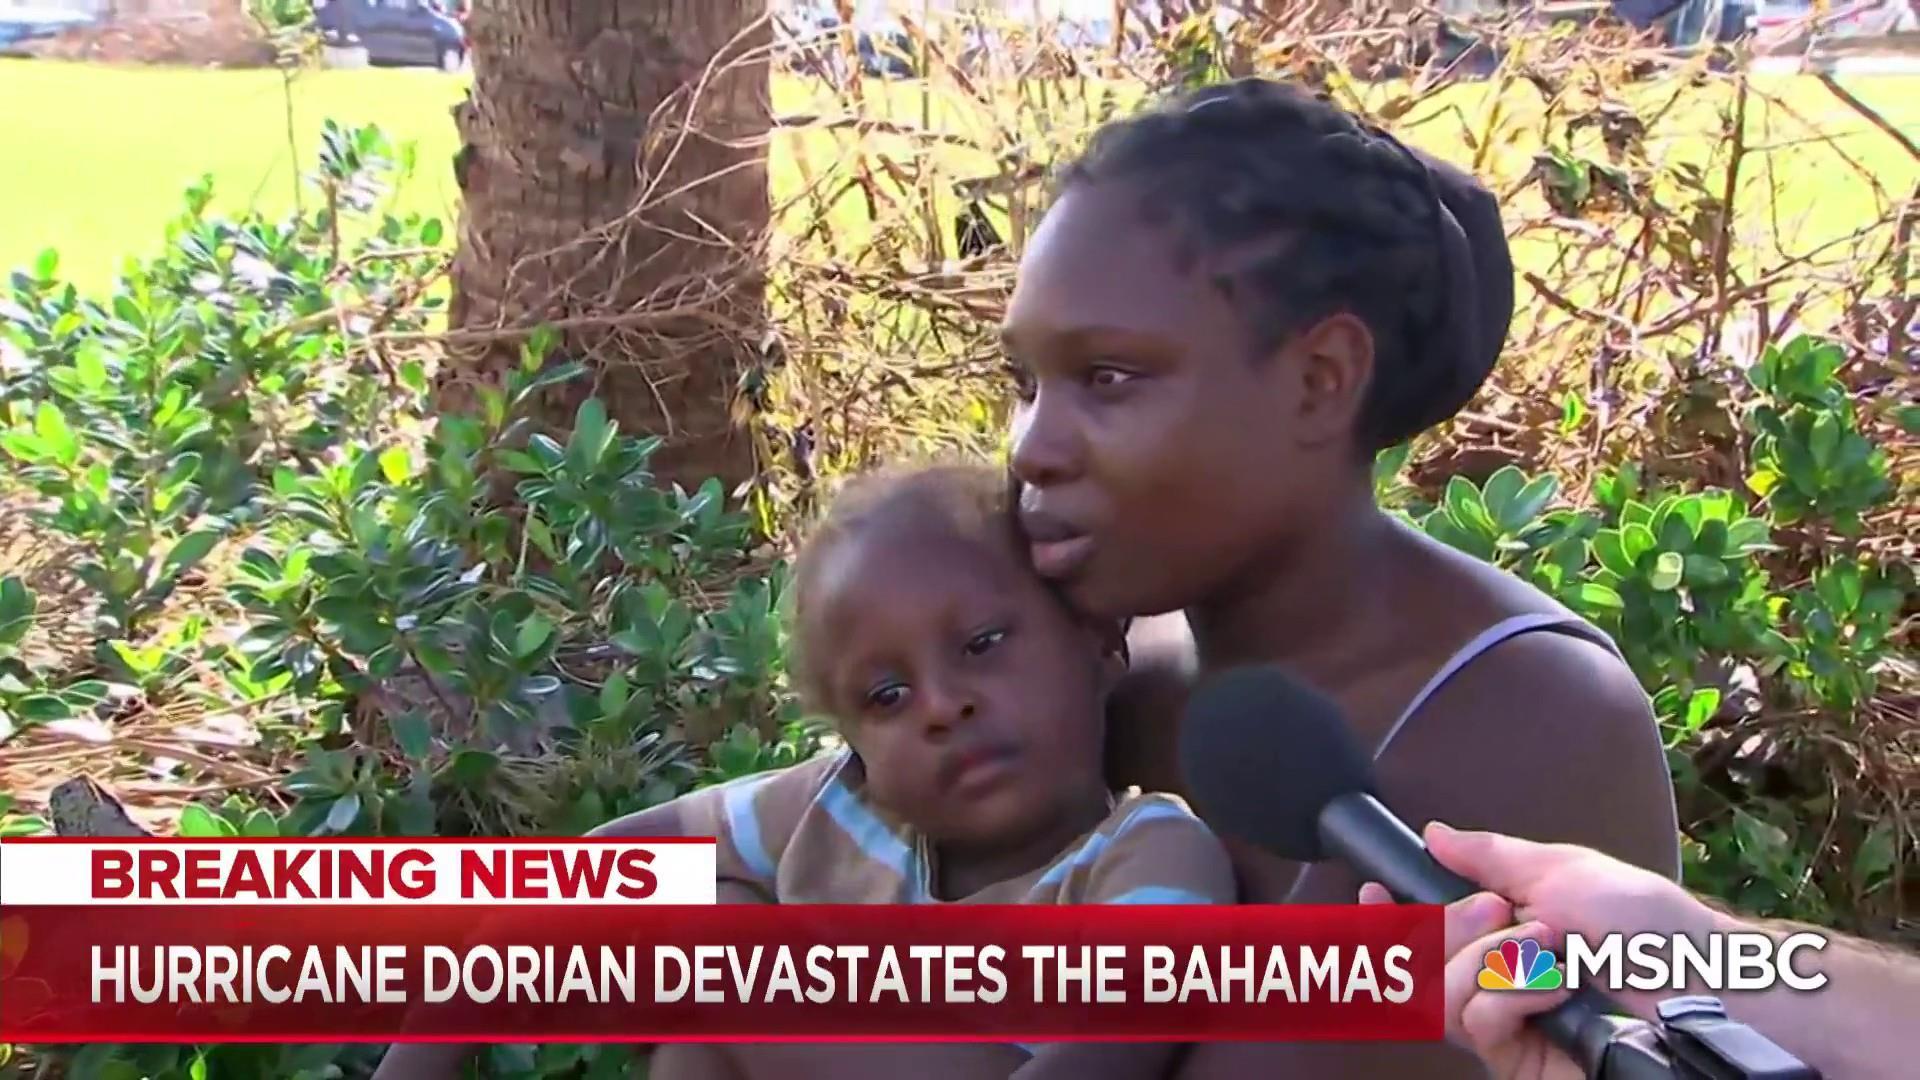 Hurricane Dorian death toll has climbed to 30, Bahamian health minister says